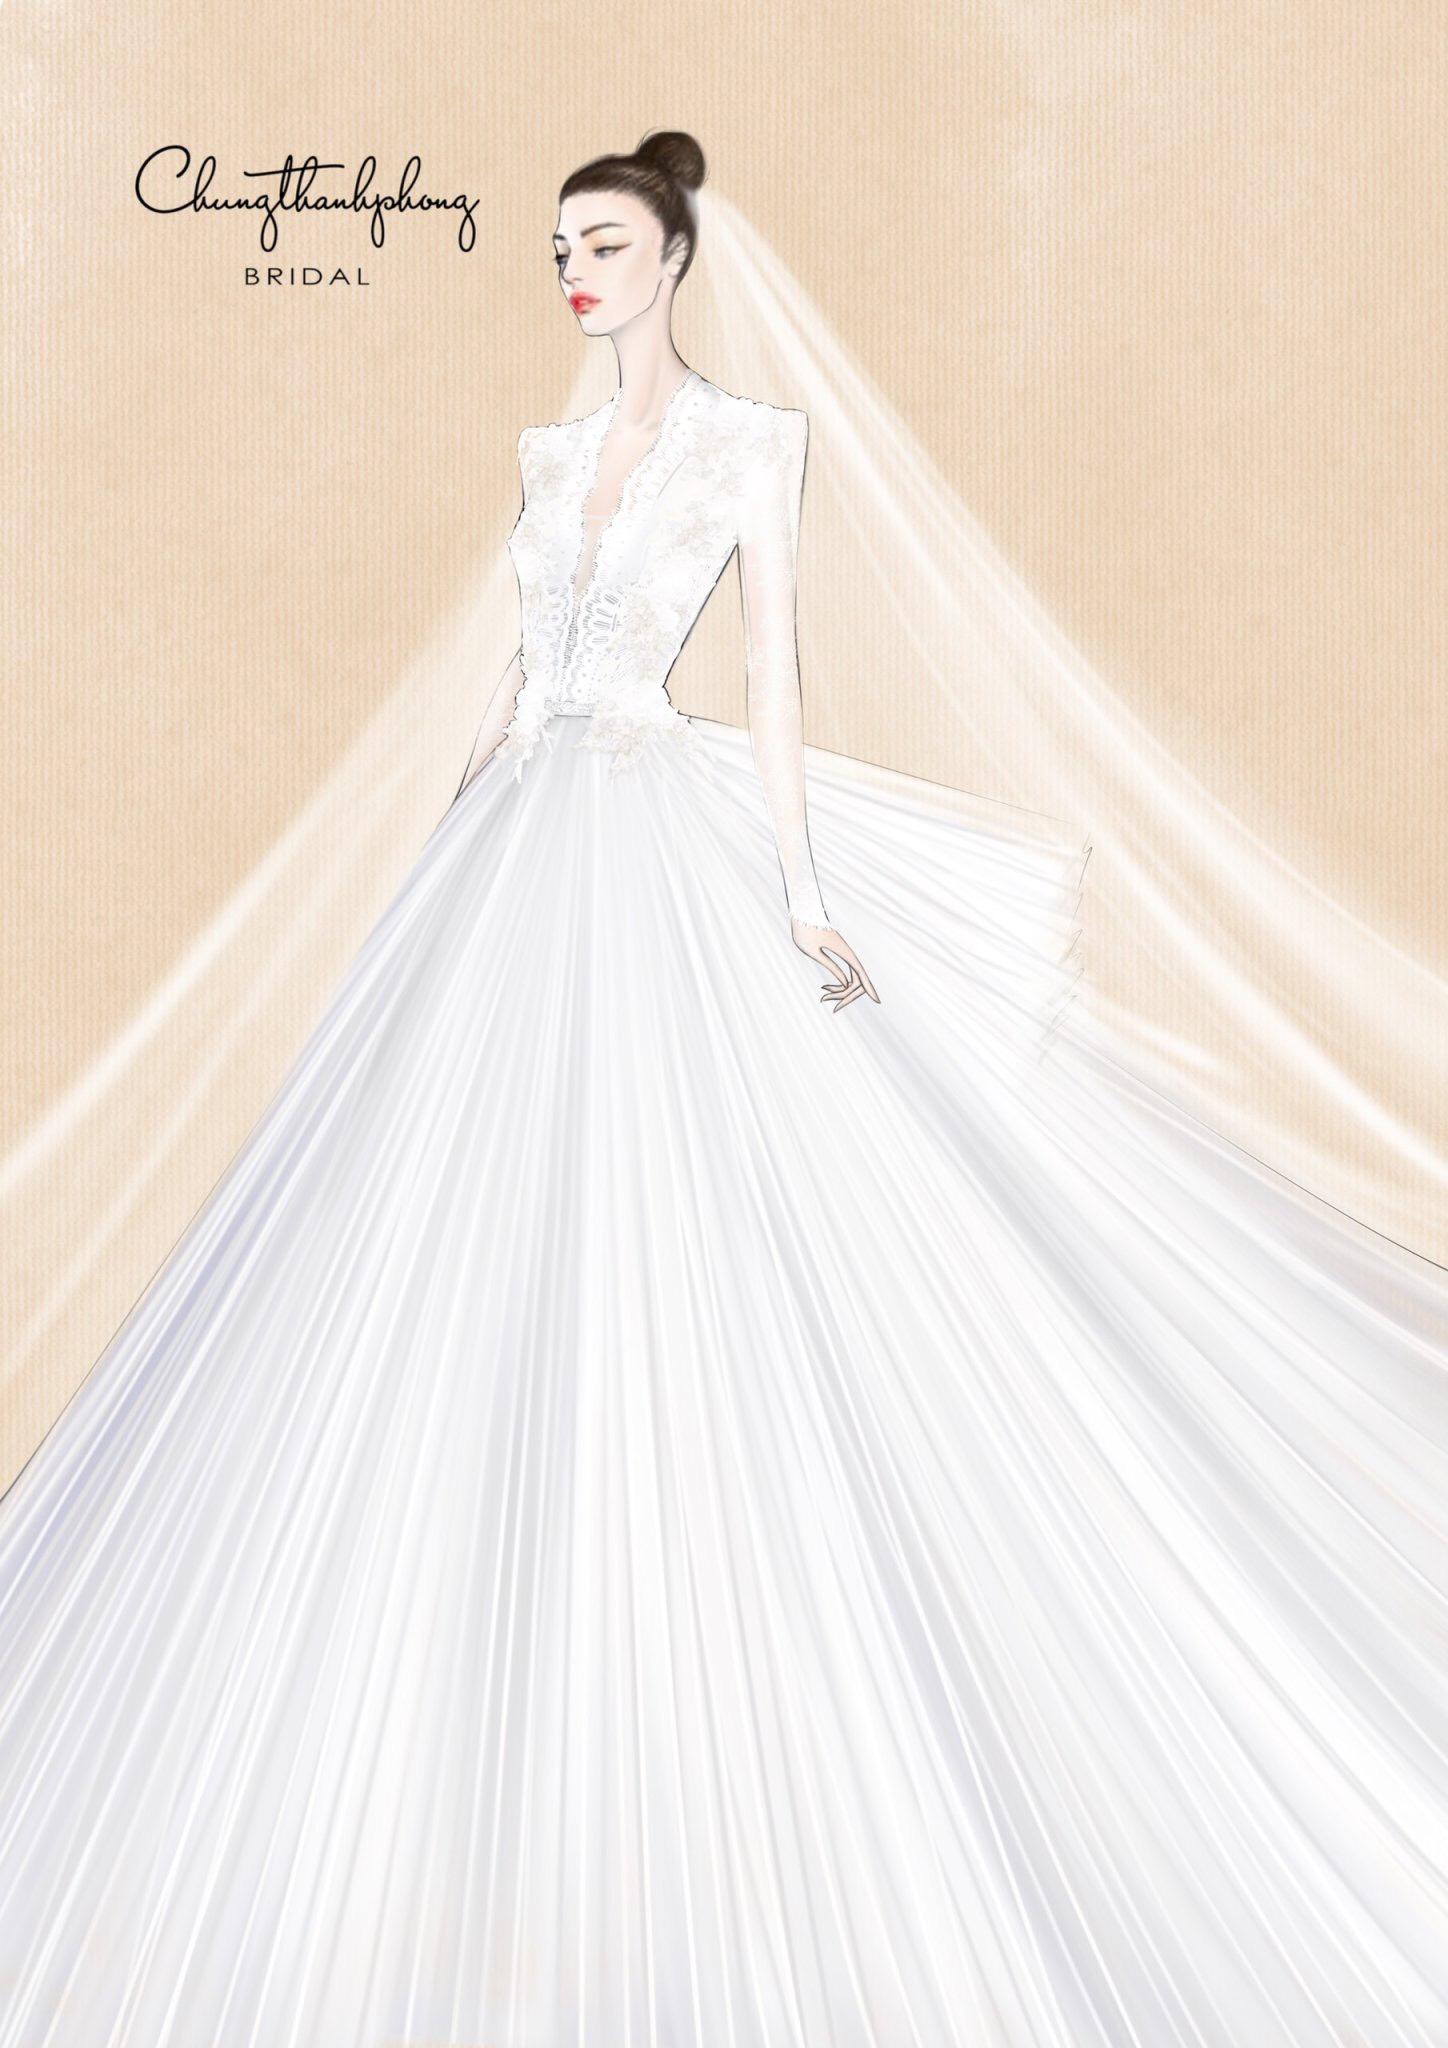 thiết kế áo cưới của ntk chun thanh phong bst dear my princess